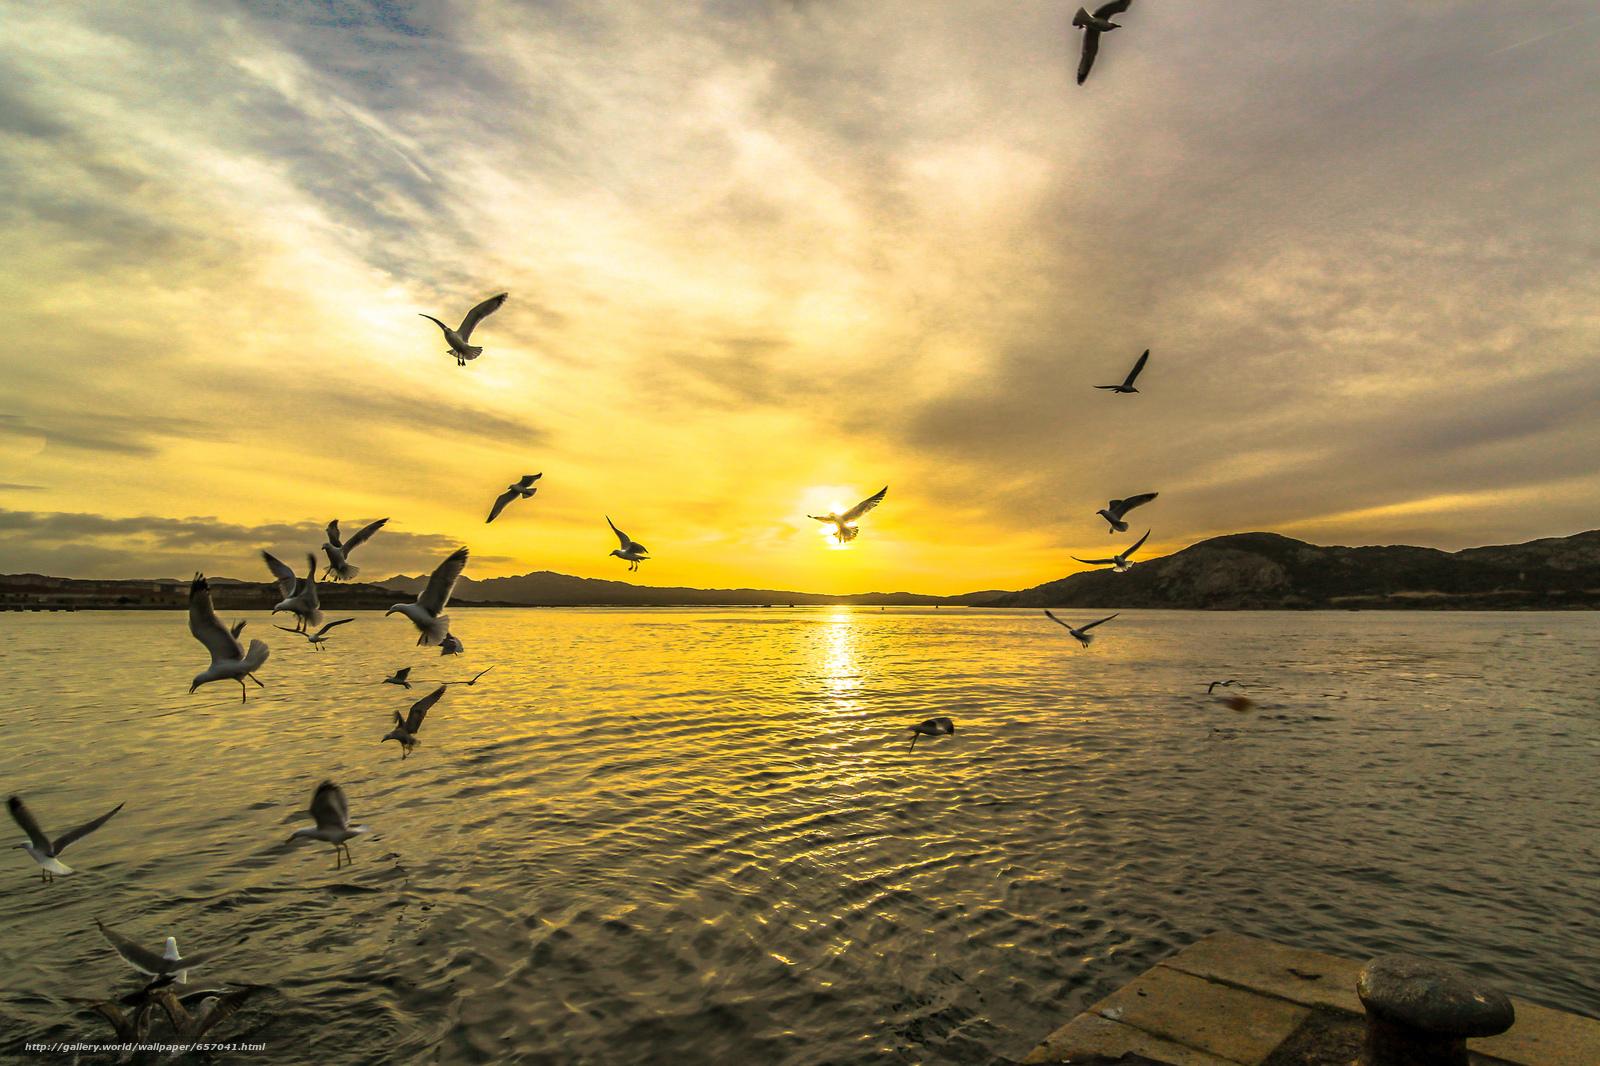 Скачать обои закат,  озеро,  чайки,  пейзаж бесплатно для рабочего стола в разрешении 2048x1365 — картинка №657041